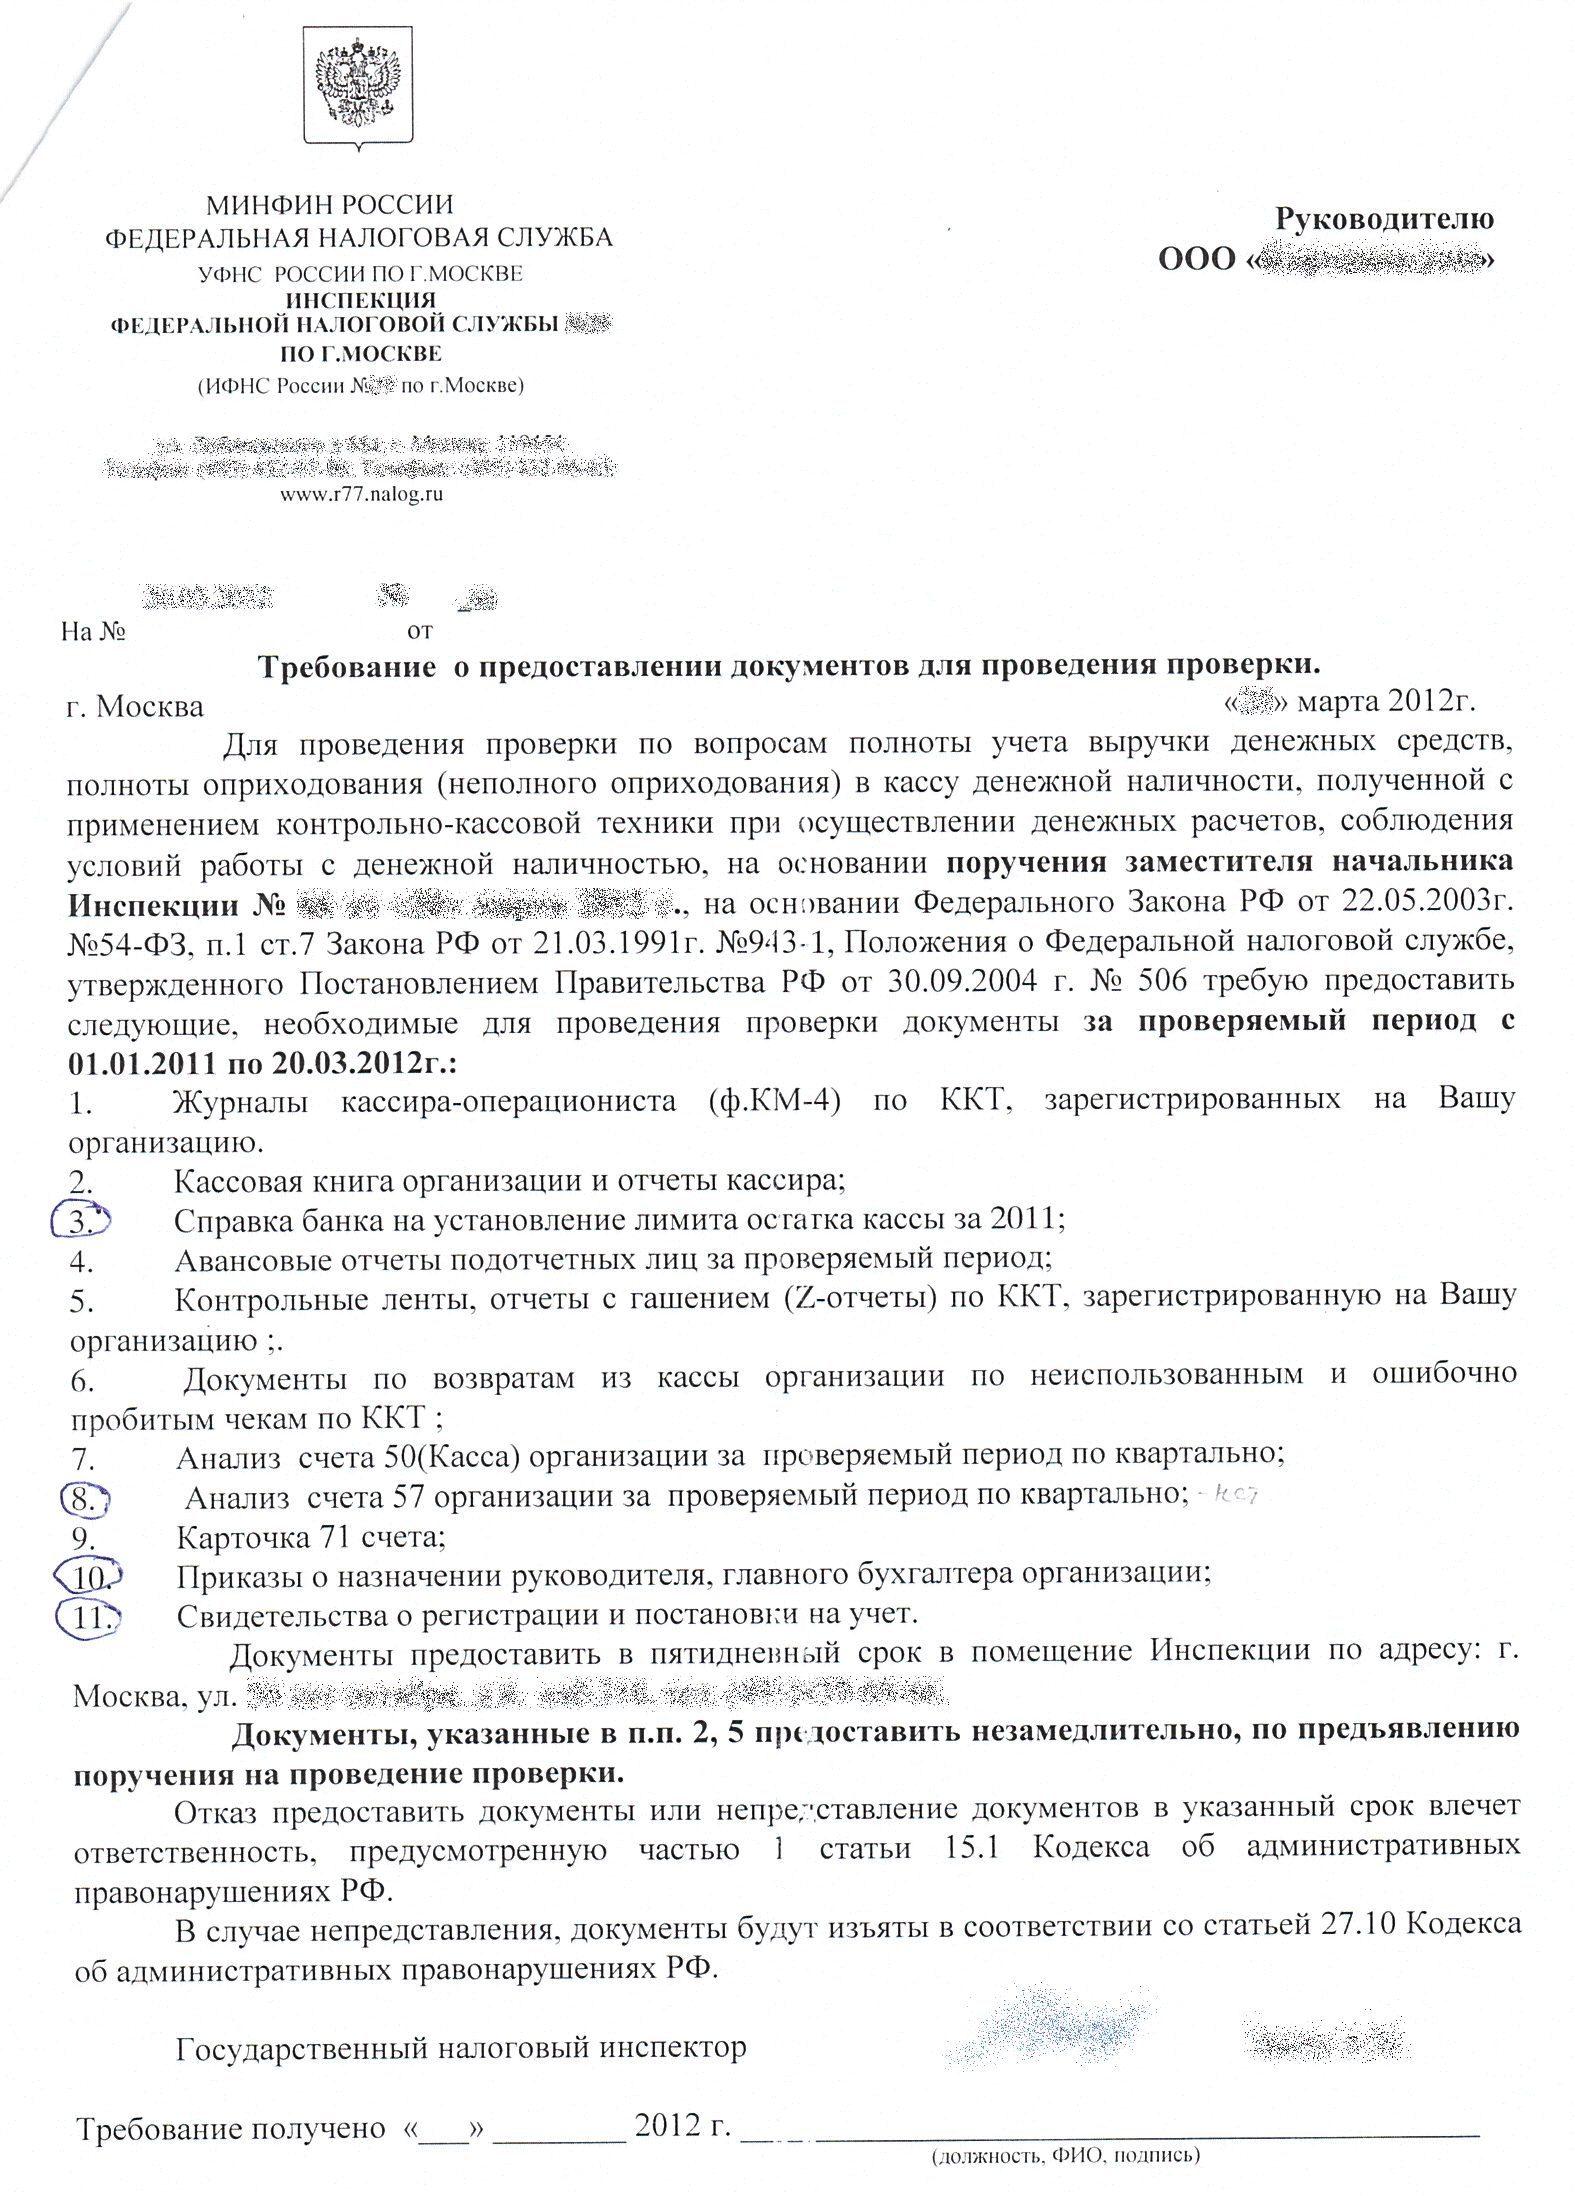 Требование о предоставлении документов для проведения проверки полноты оприходывания в кассу наличных денежных средств